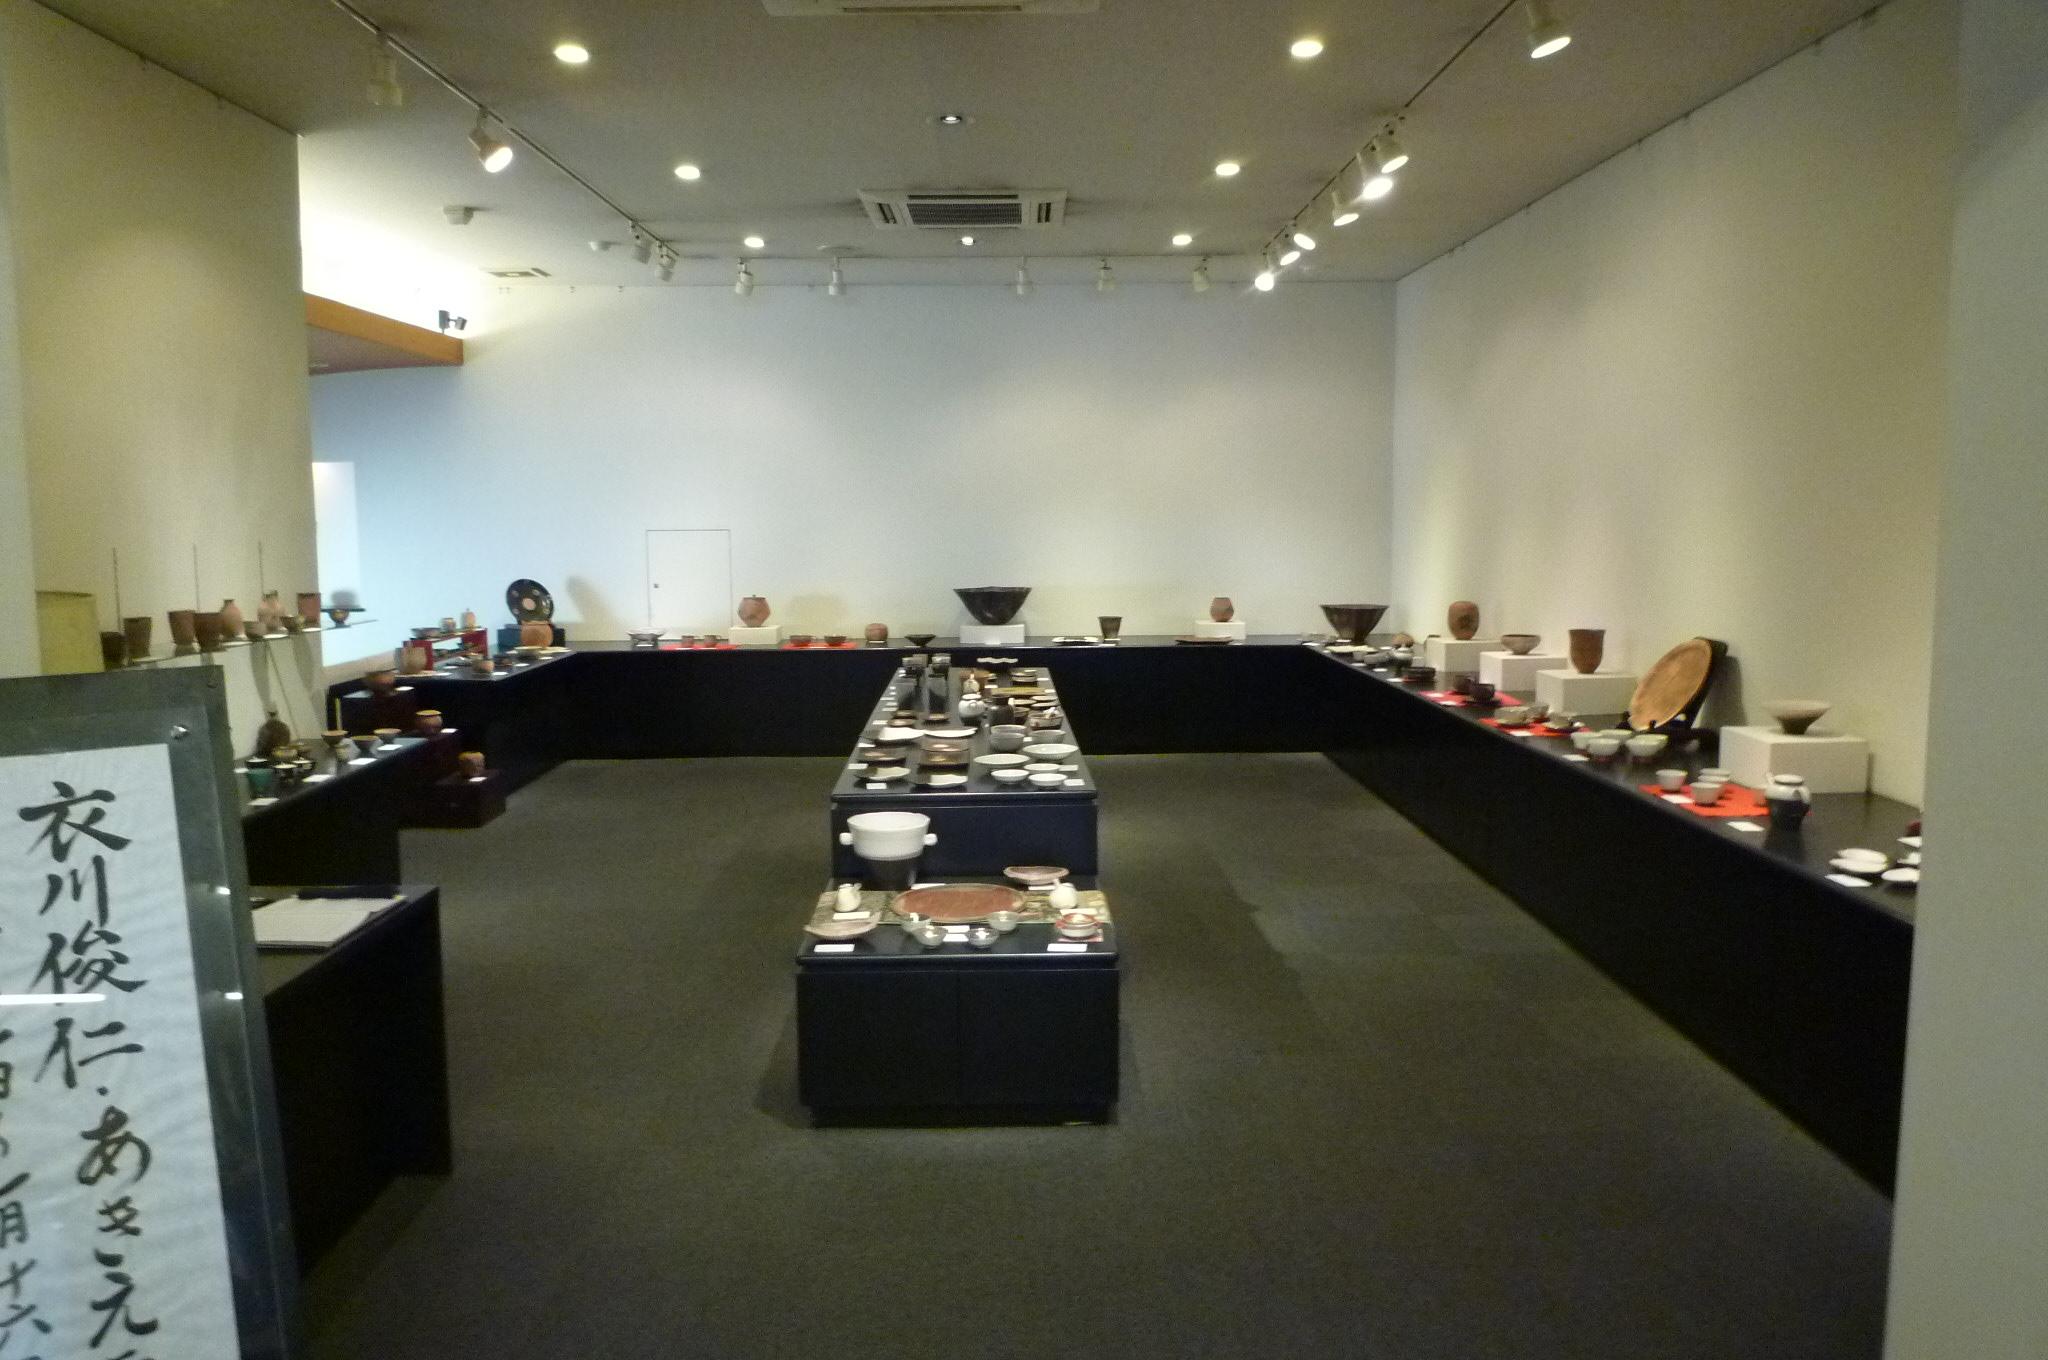 【御礼】衣川俊仁・あきえ陶芸展へご来場頂き有難うございました!